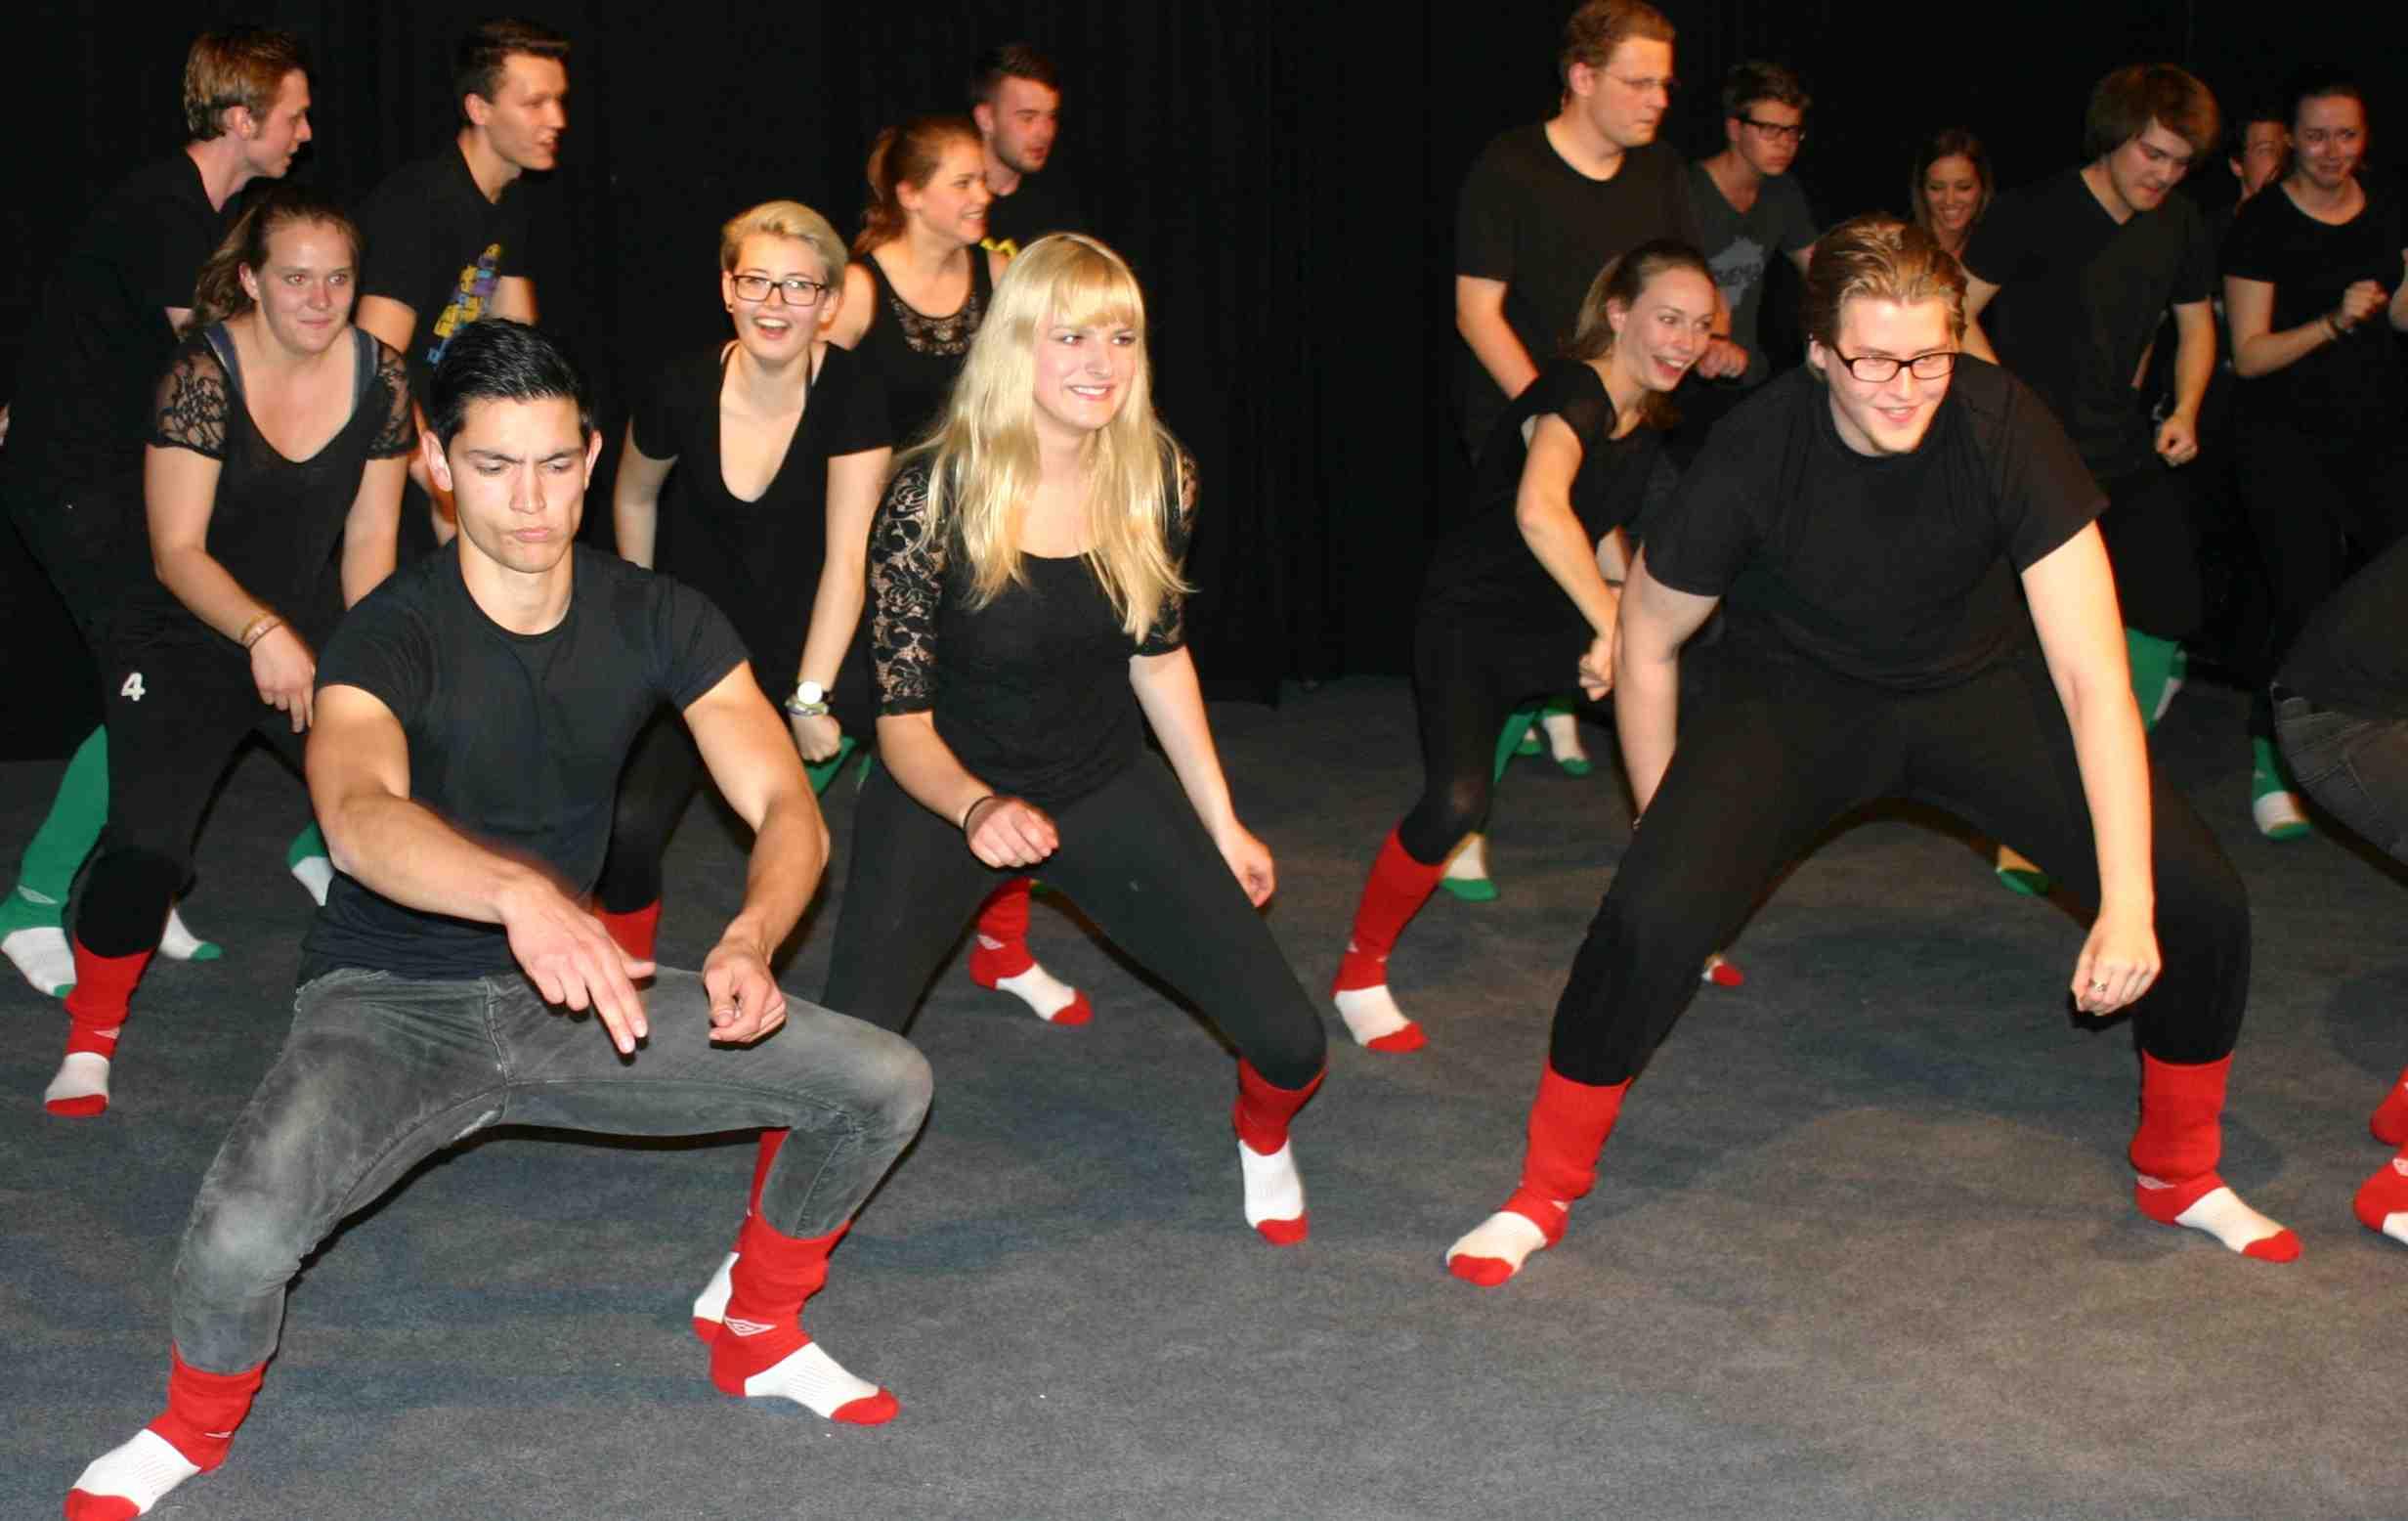 Choreografien im Theaterunterricht bzw. dem Unterrichtsfach Darstellendes Spiel